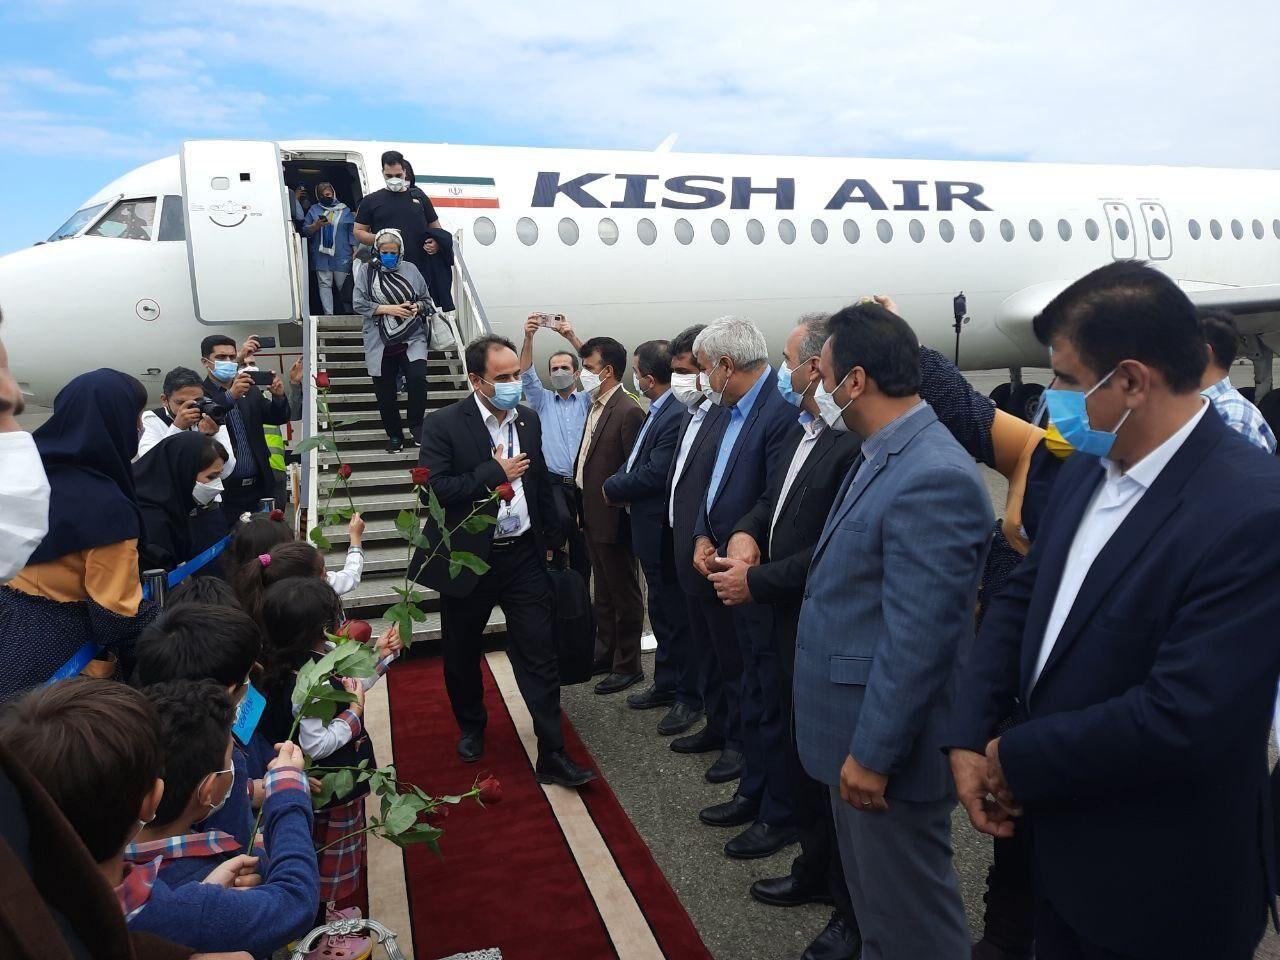 خط پروازی کیش-نوشهر فعال شد